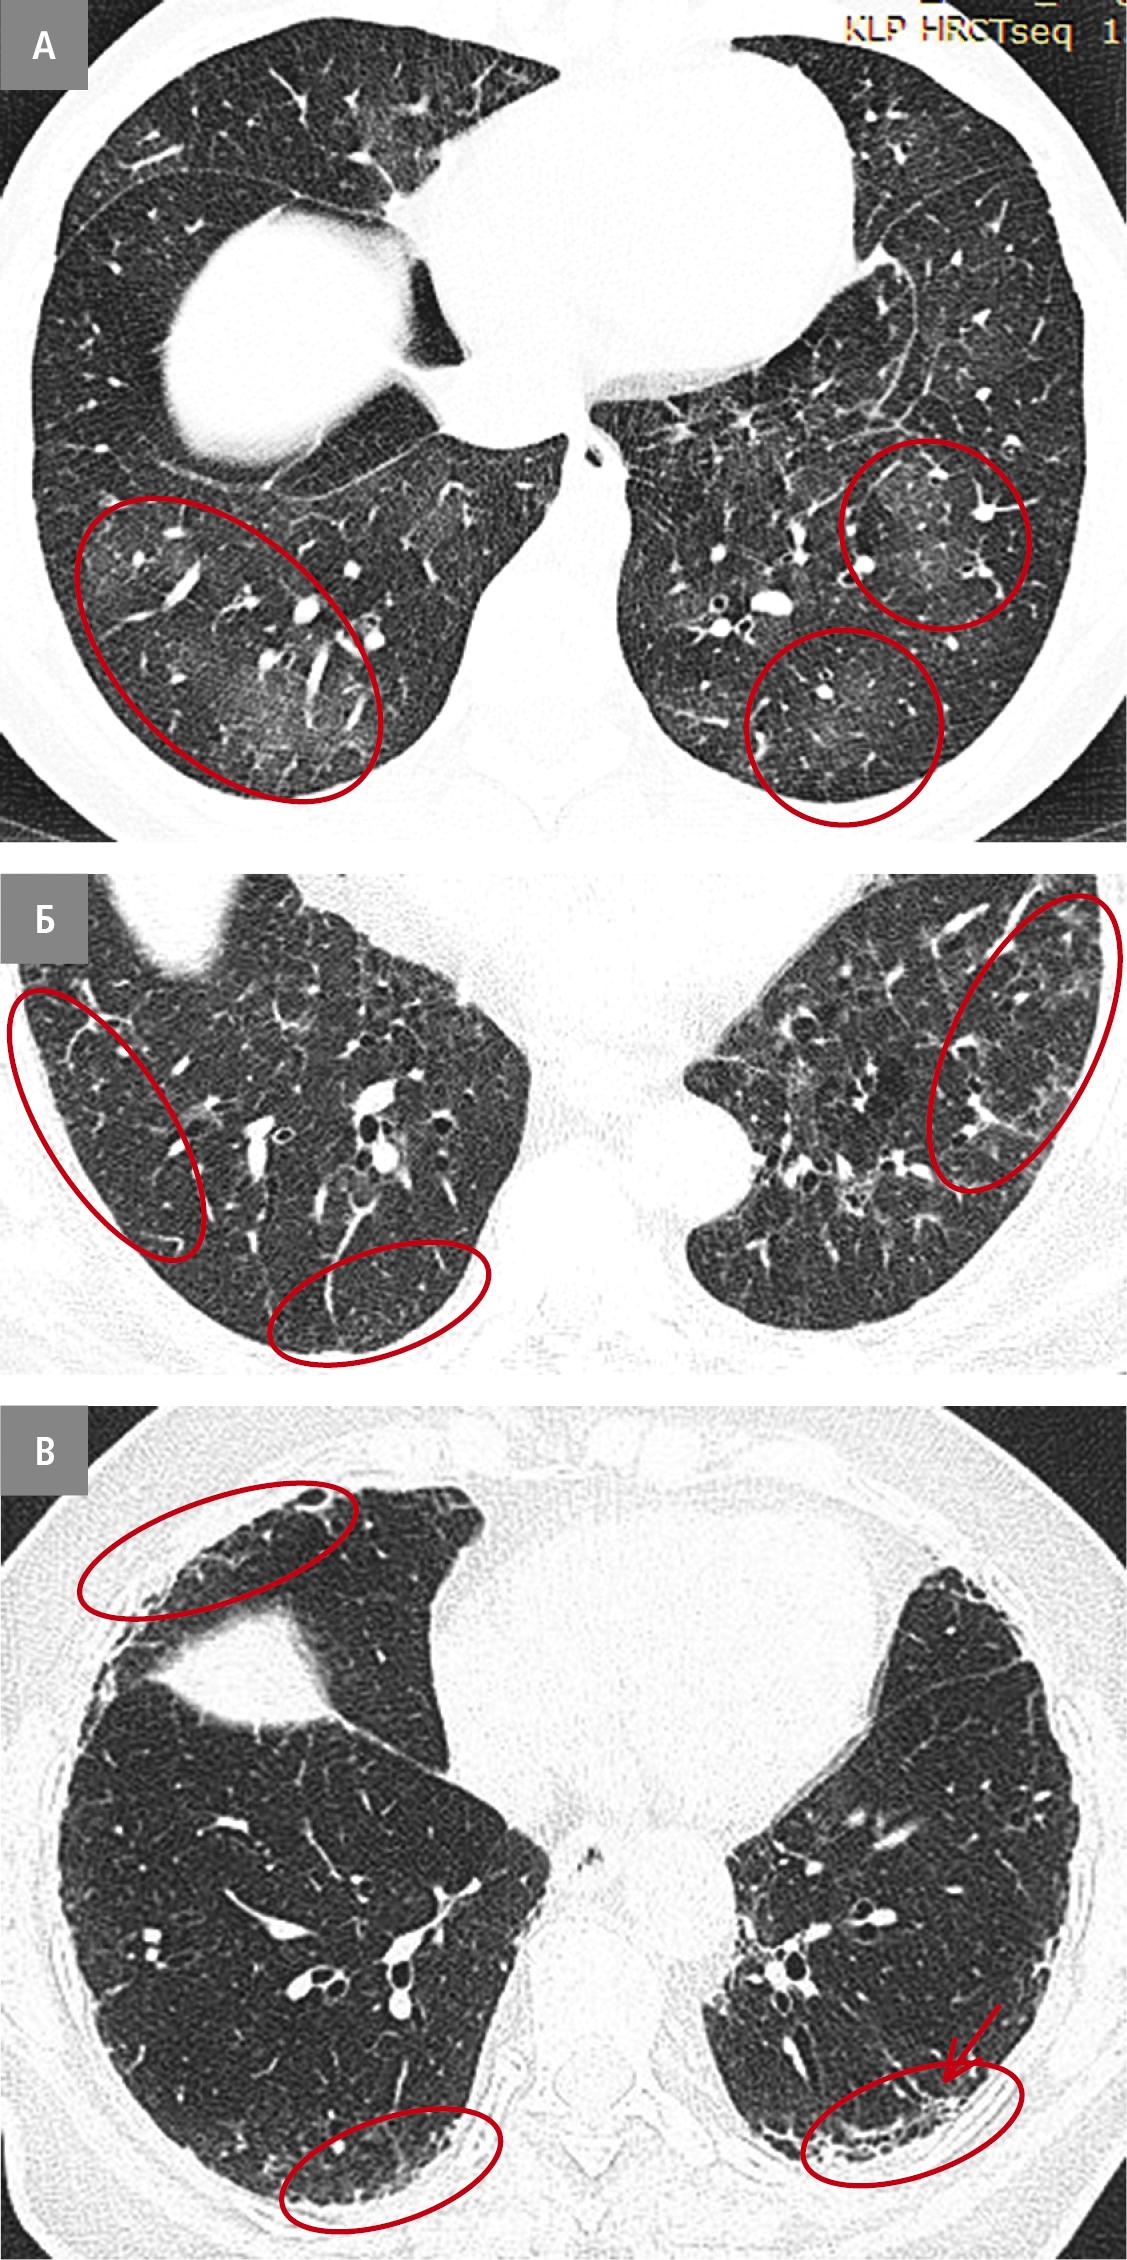 Види ІЛА. А — несубплевральний (червоні овали). Б — субплевральний без фіброзу (червоні овали). В — субплевральний зфіброзом паренхіми легень (овали — ділянки стільникової легені; стрілка — бронхоект